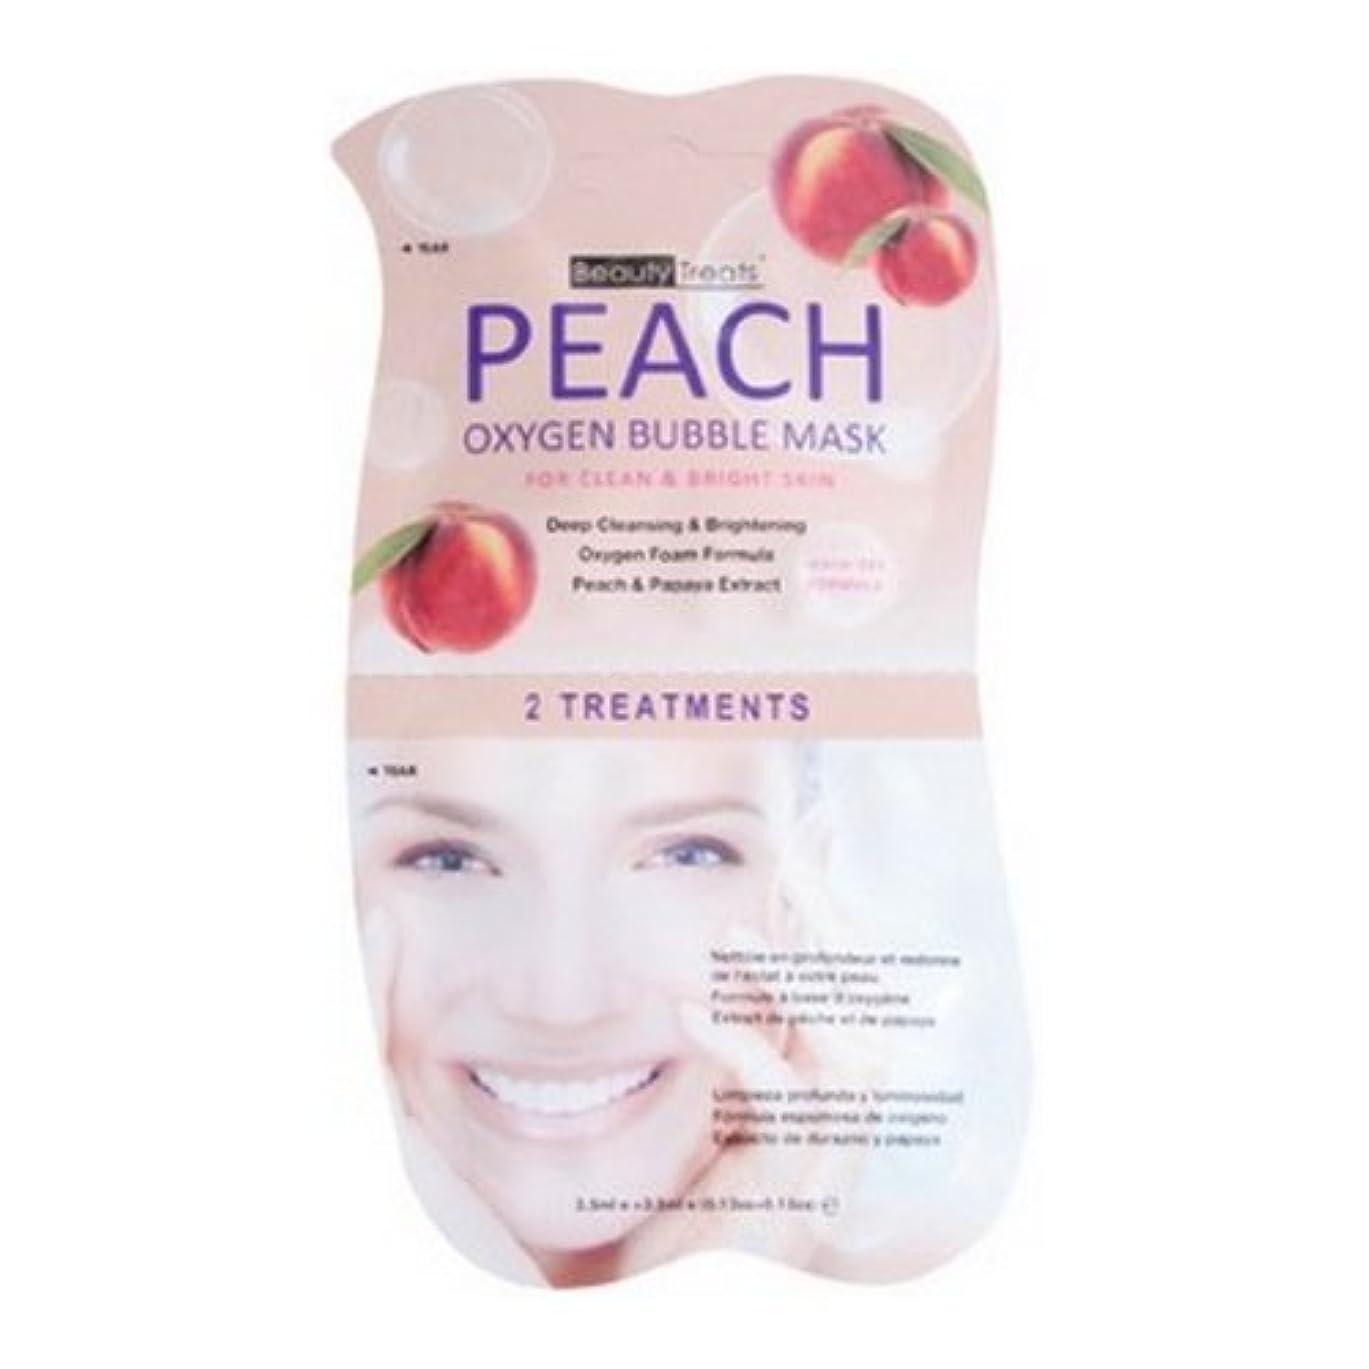 好意かまど健全(3 Pack) BEAUTY TREATS Peach Oxygen Bubble Mask - Peach (並行輸入品)